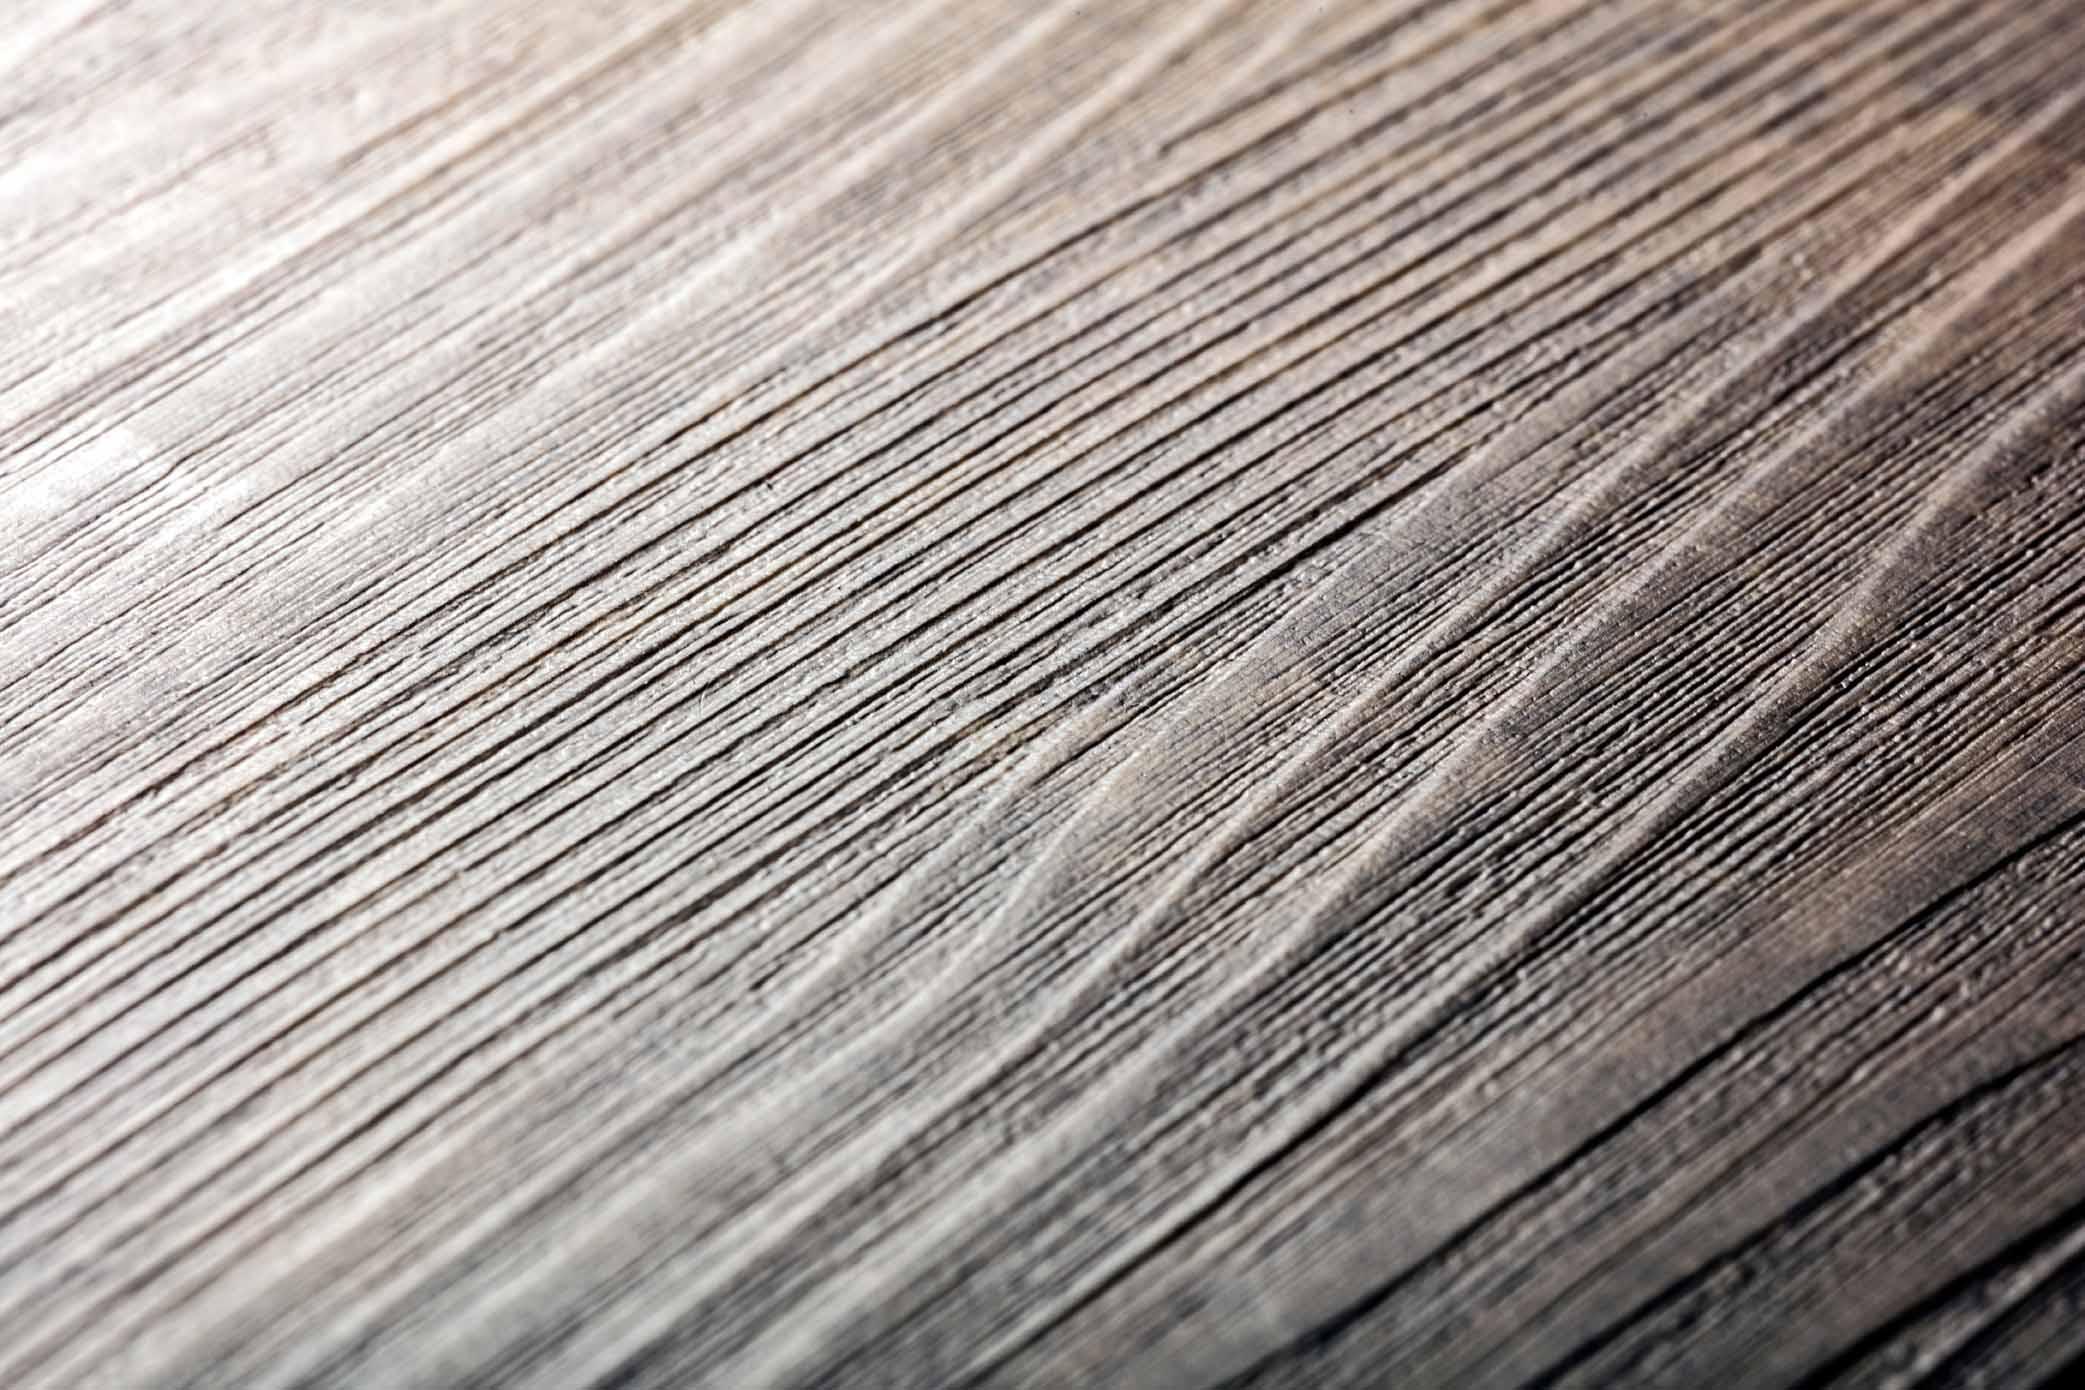 piso-vinilico-textura-rustica